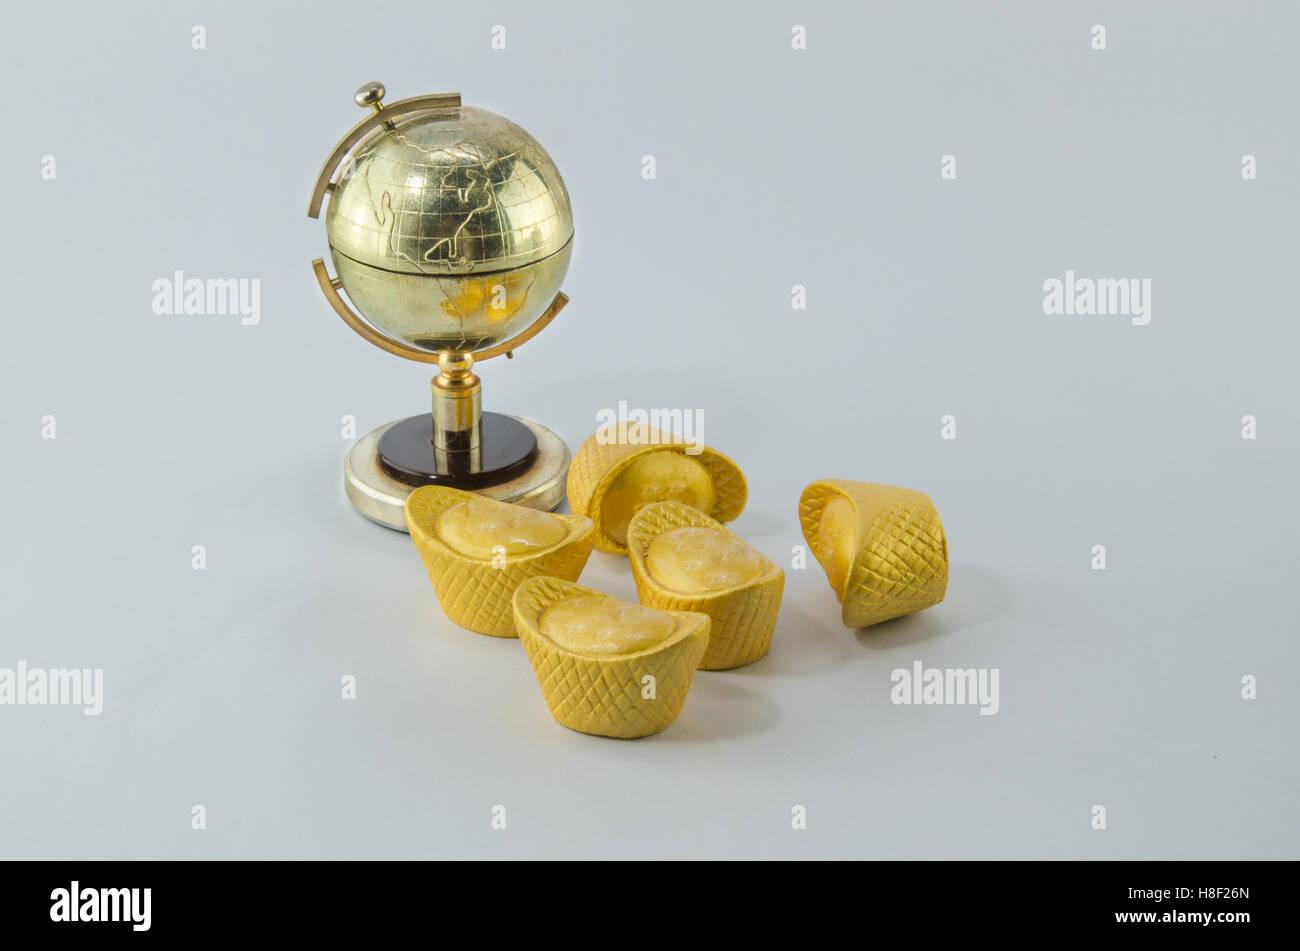 Globe golden Gold ingot Chinese White background - Stock Image